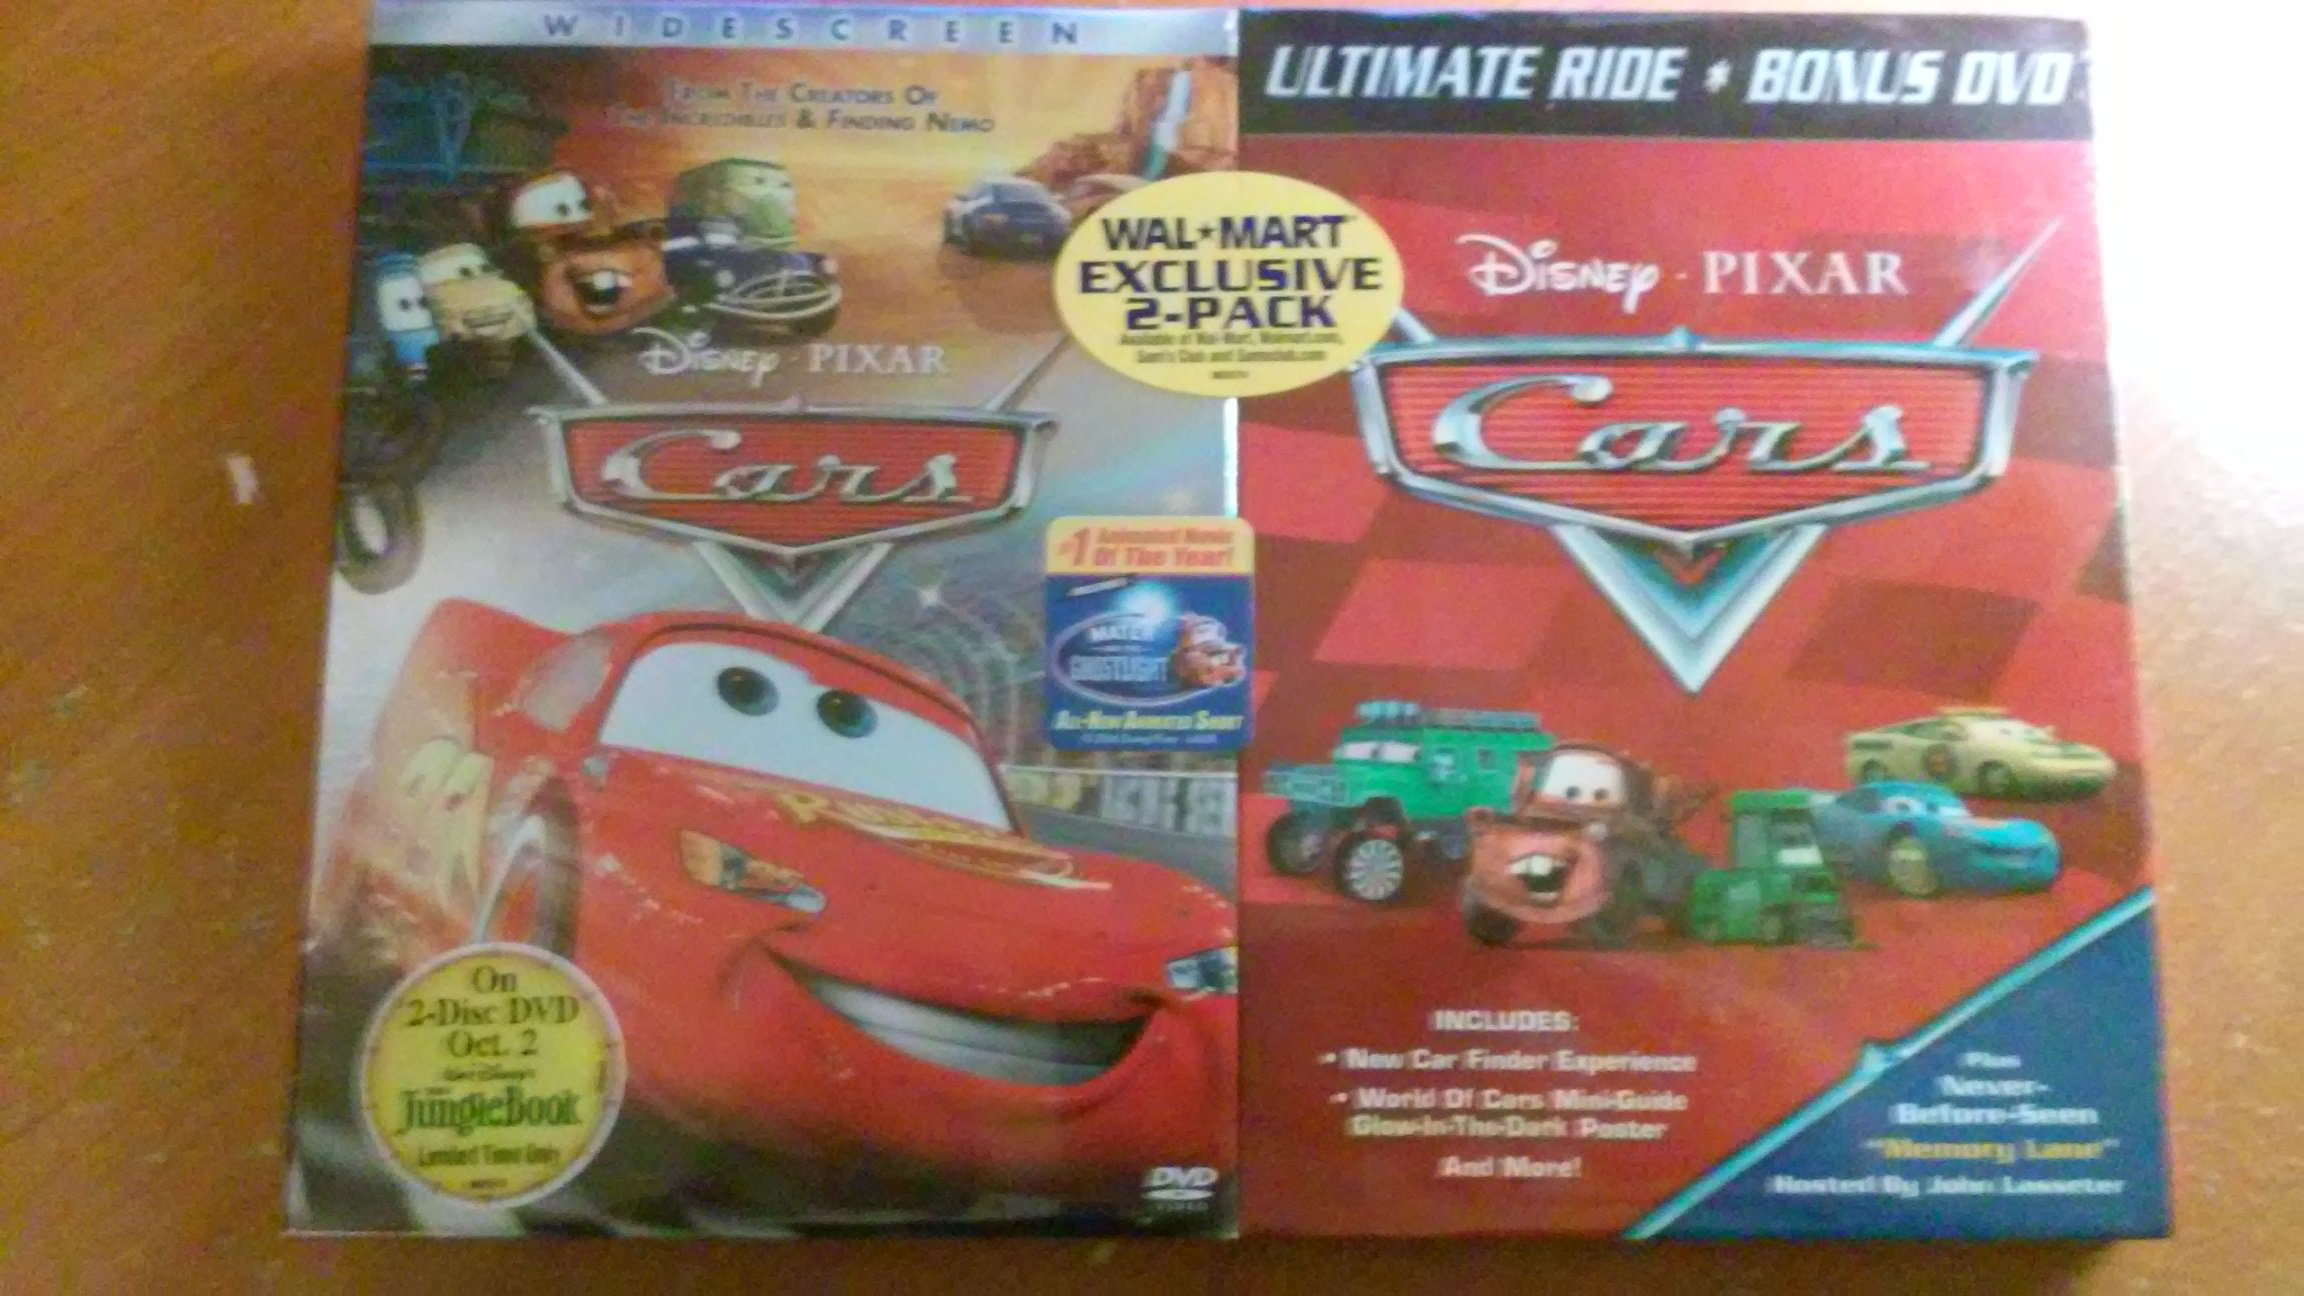 Disney Pixar Cars Widescreen DVD + Ultimate Ride Bonus DVD